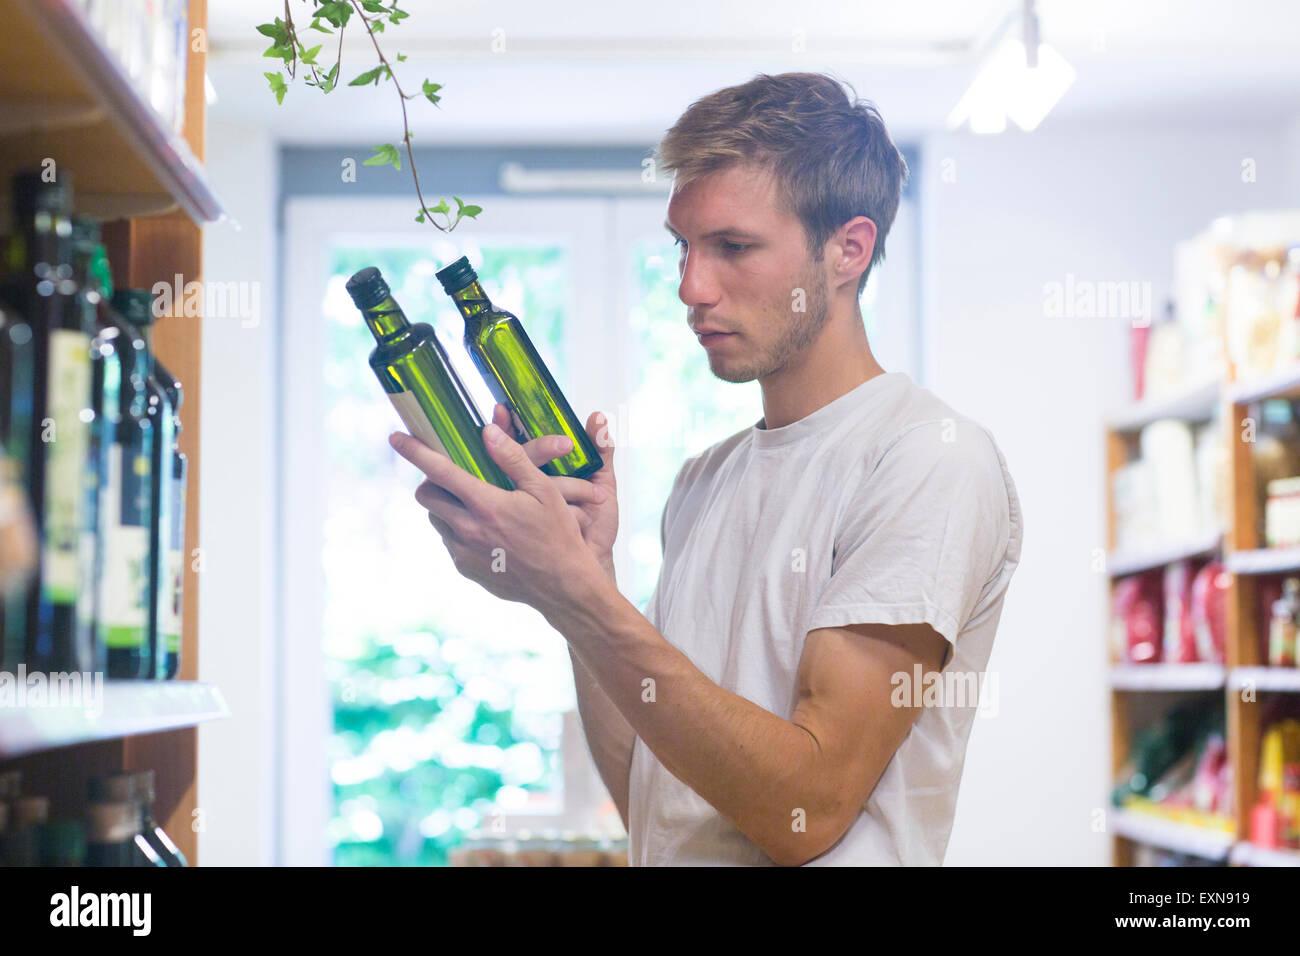 Männliche Verkäuferin sortieren Ware im Vollwert-shop Stockbild